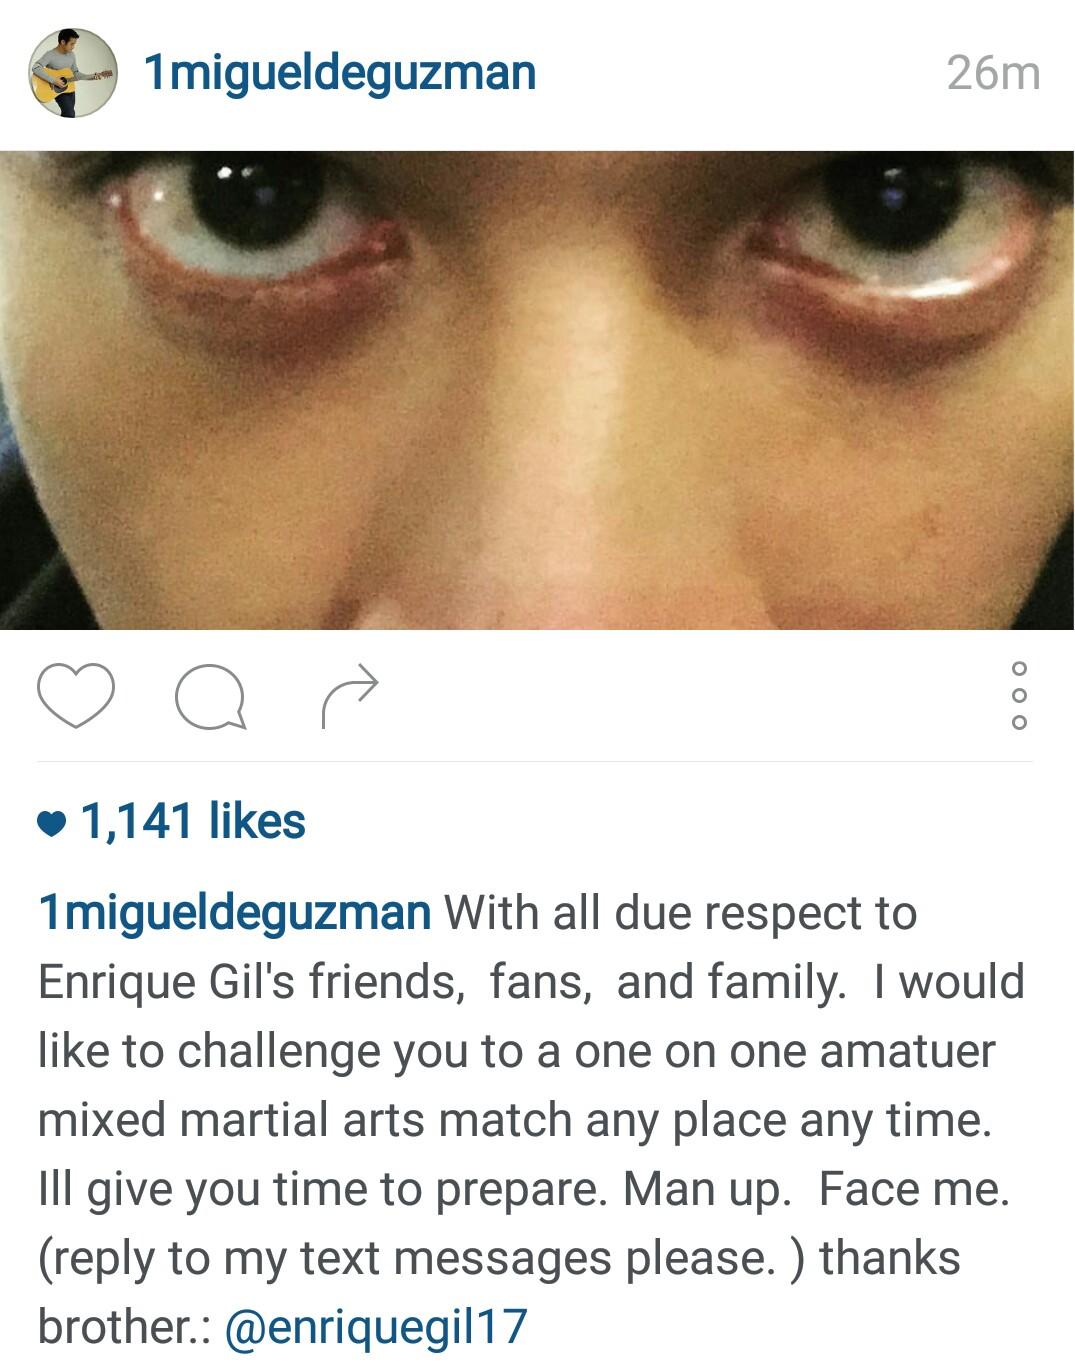 JM de Guzman challenges Enrique Gil: Man up. Face me.